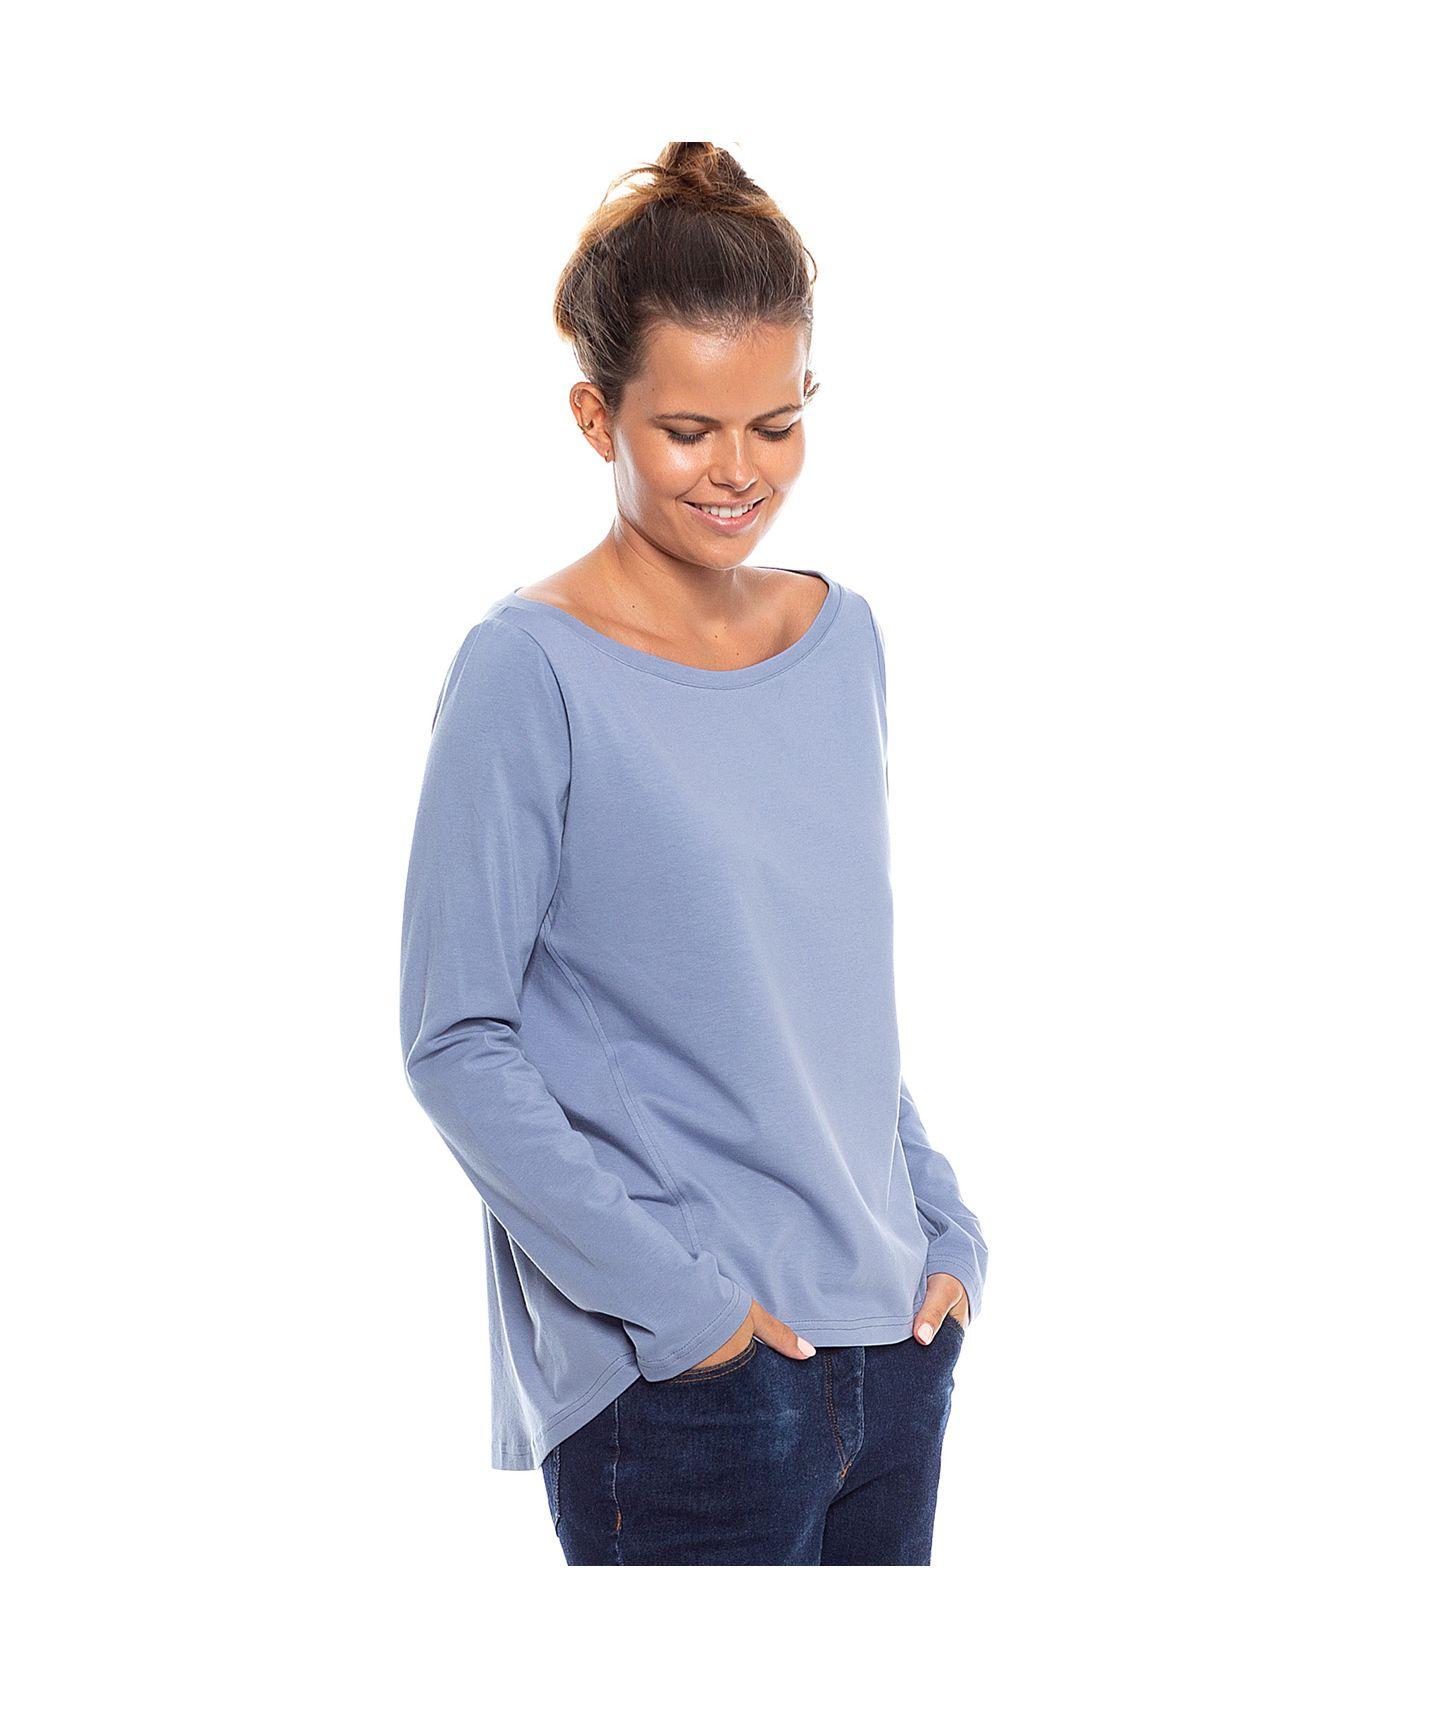 bluzka IZZY 2.0 niebieski